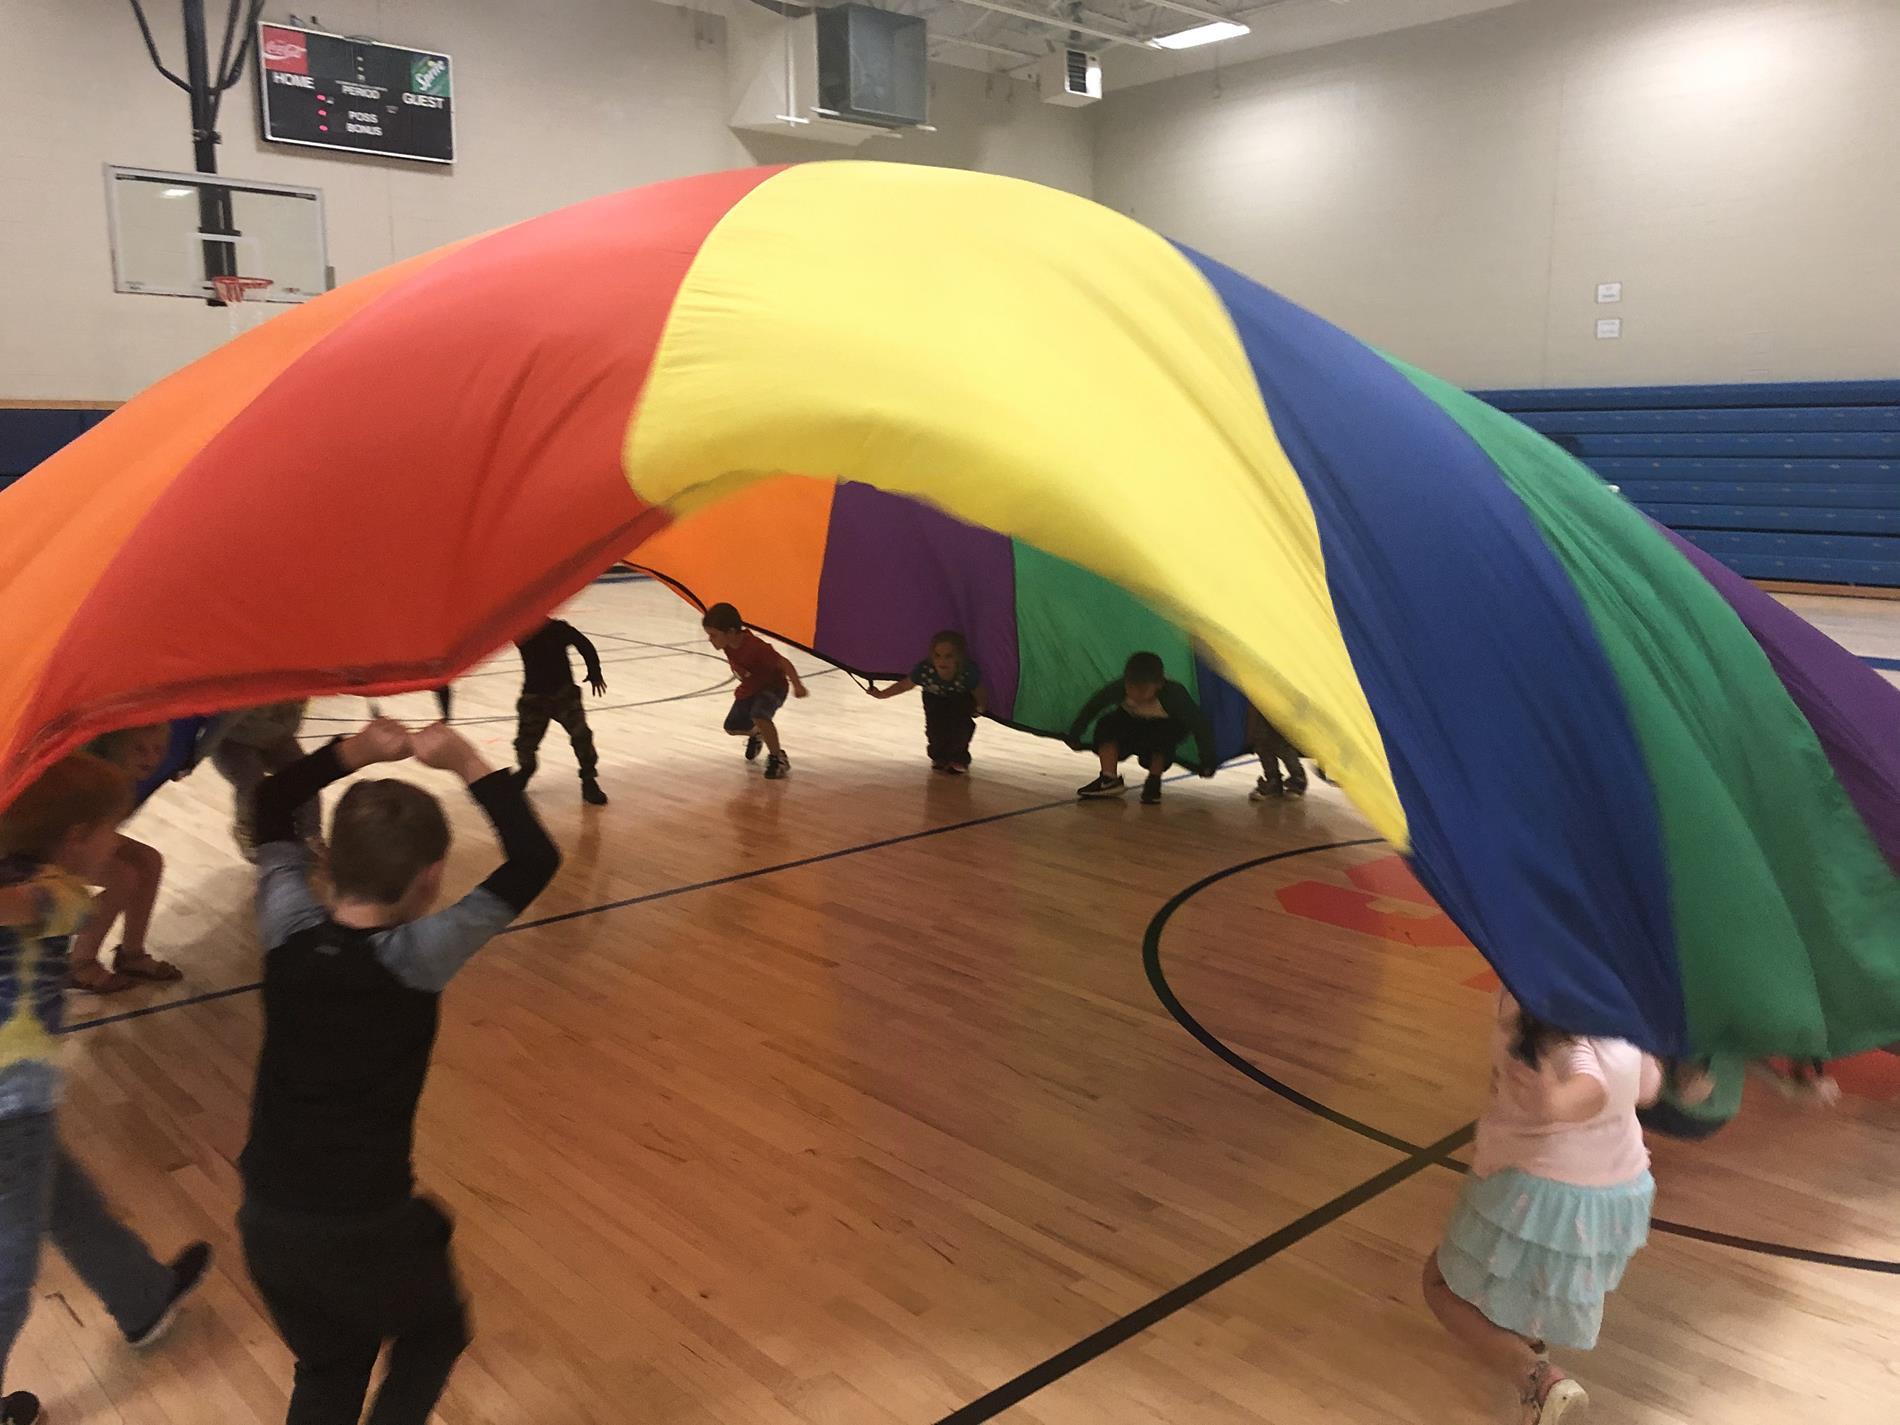 Parachute fun in the gym